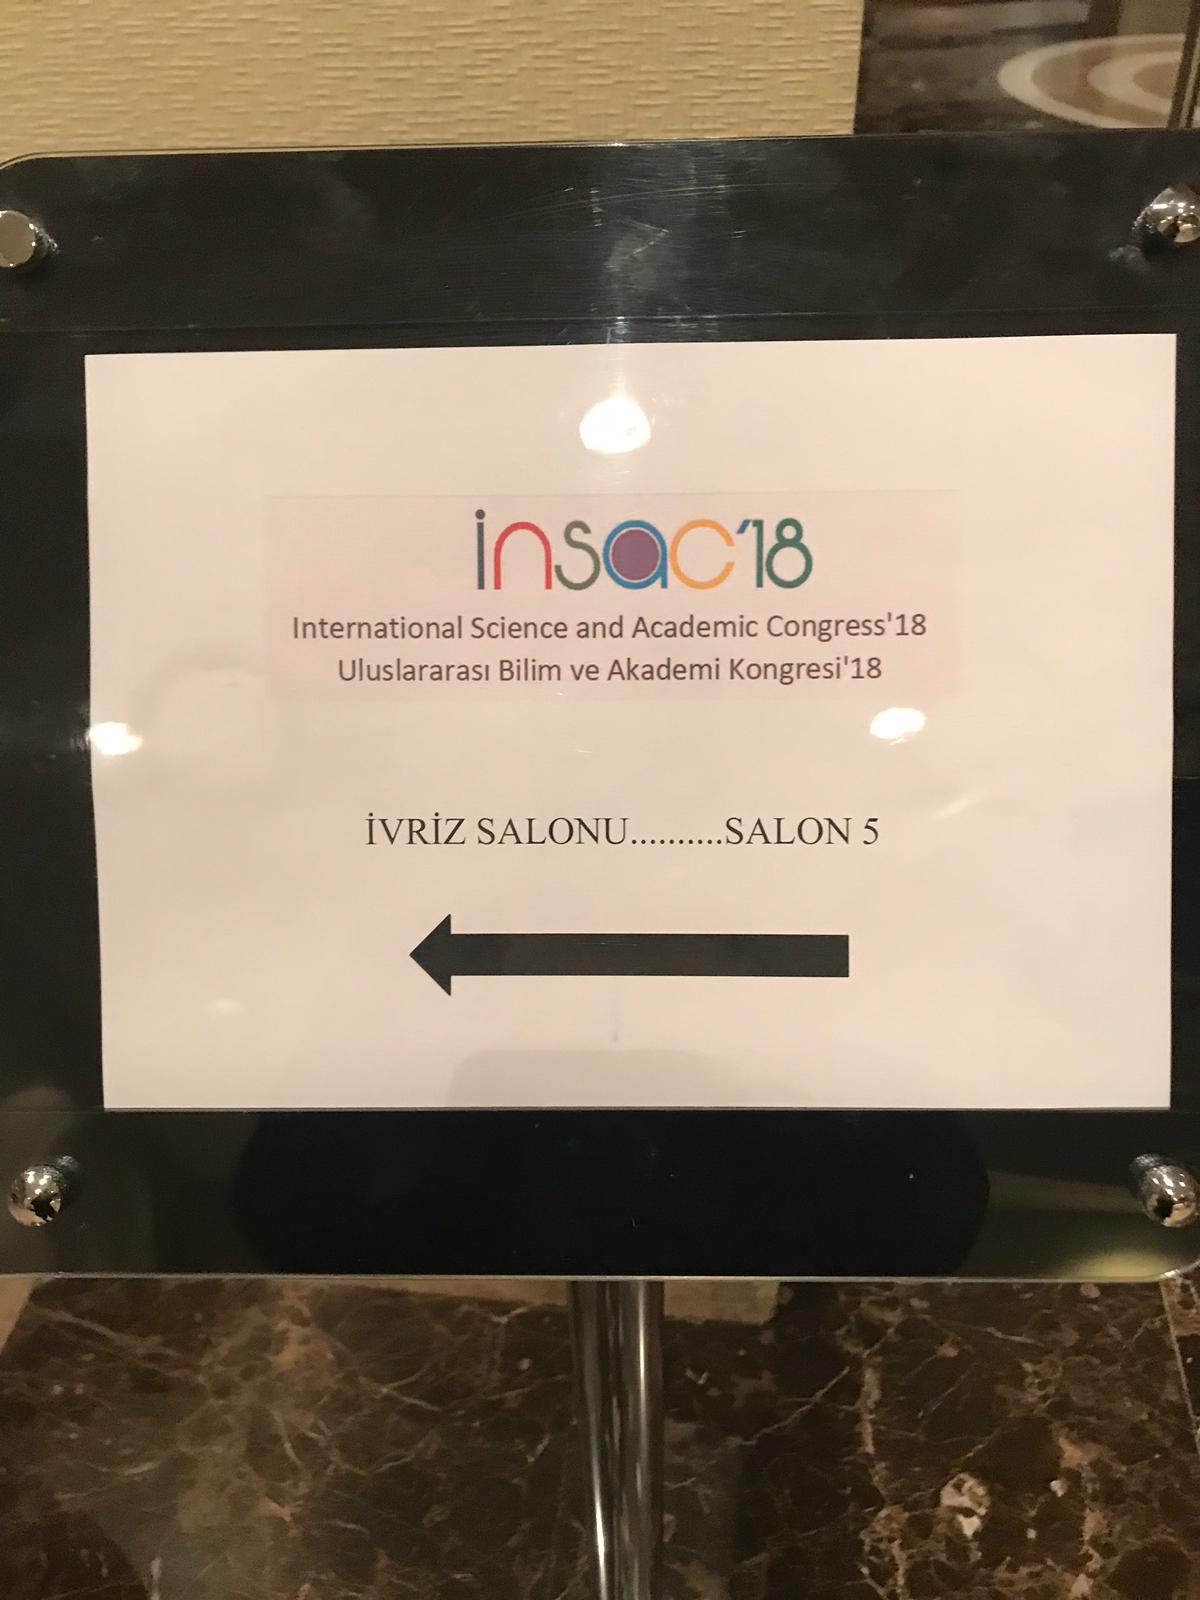 IMG-20181208-WA0079